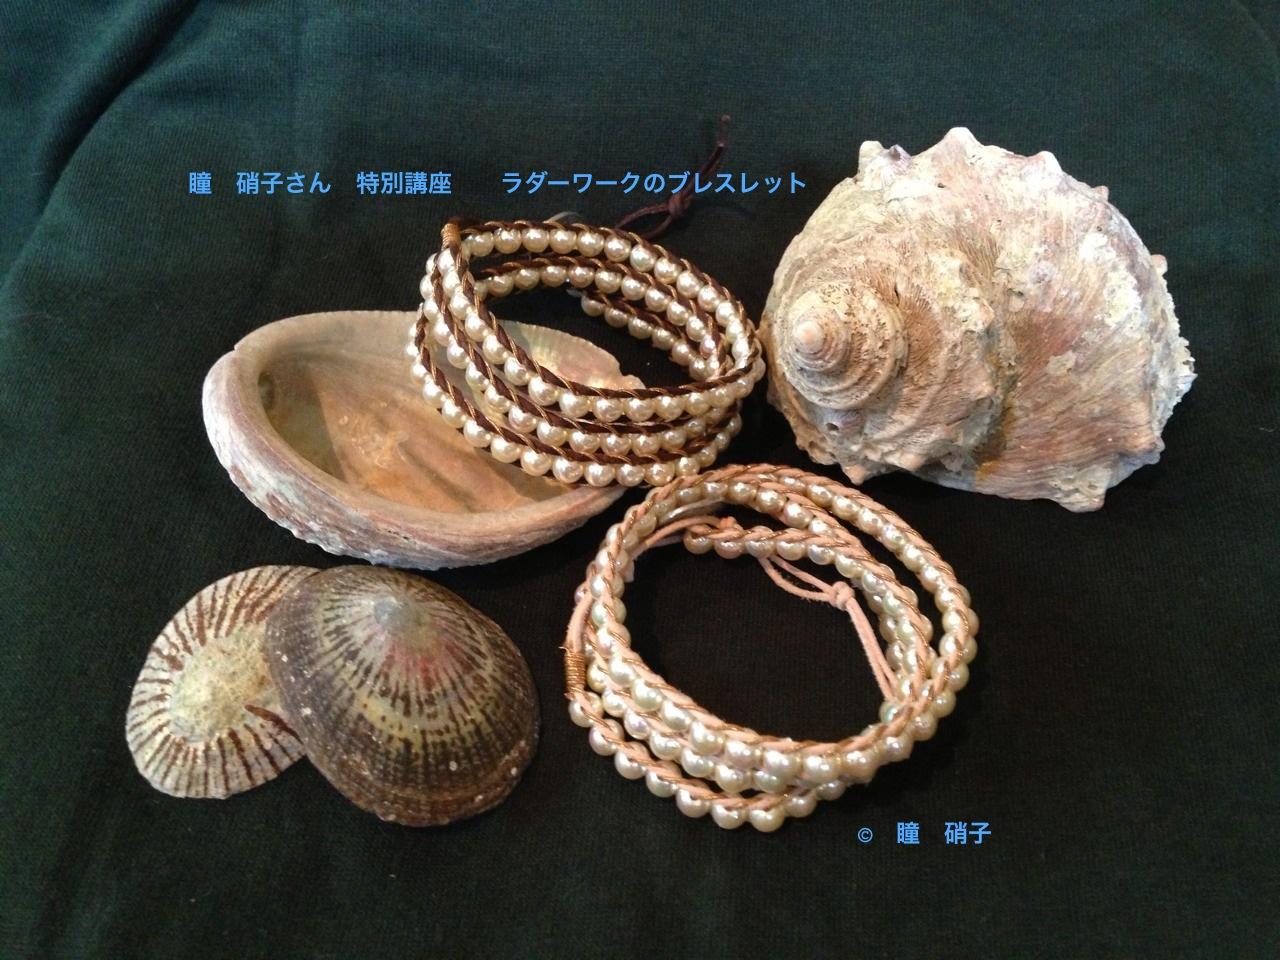 瞳硝子さん特別講座のおしらせ_e0112378_17372960.jpg